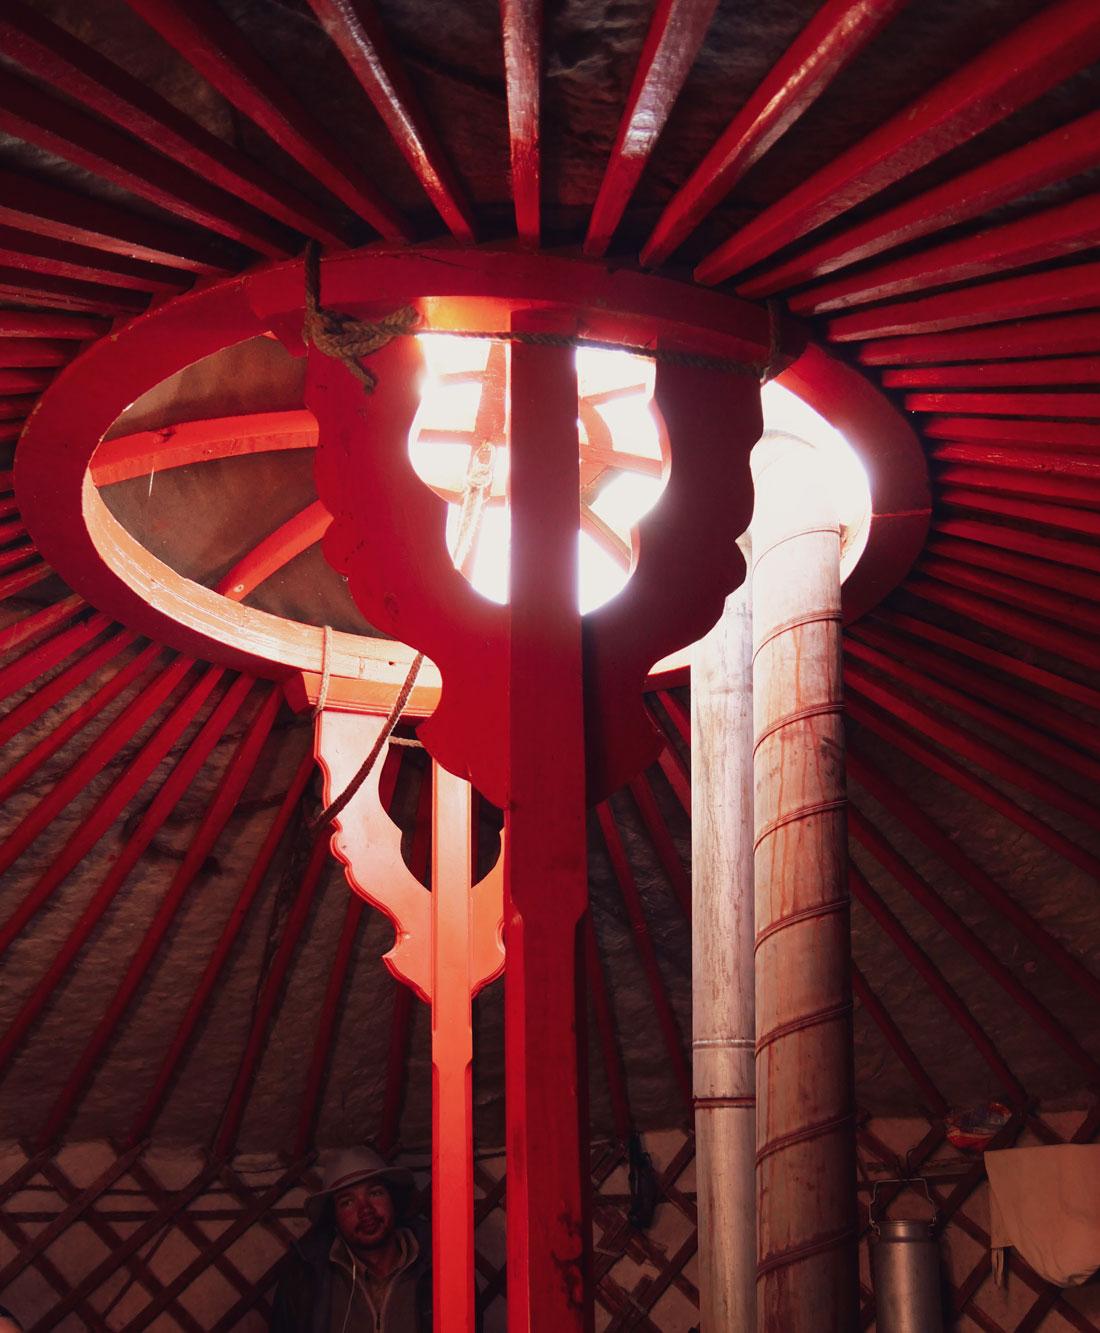 les piliers centraux d'une yourte